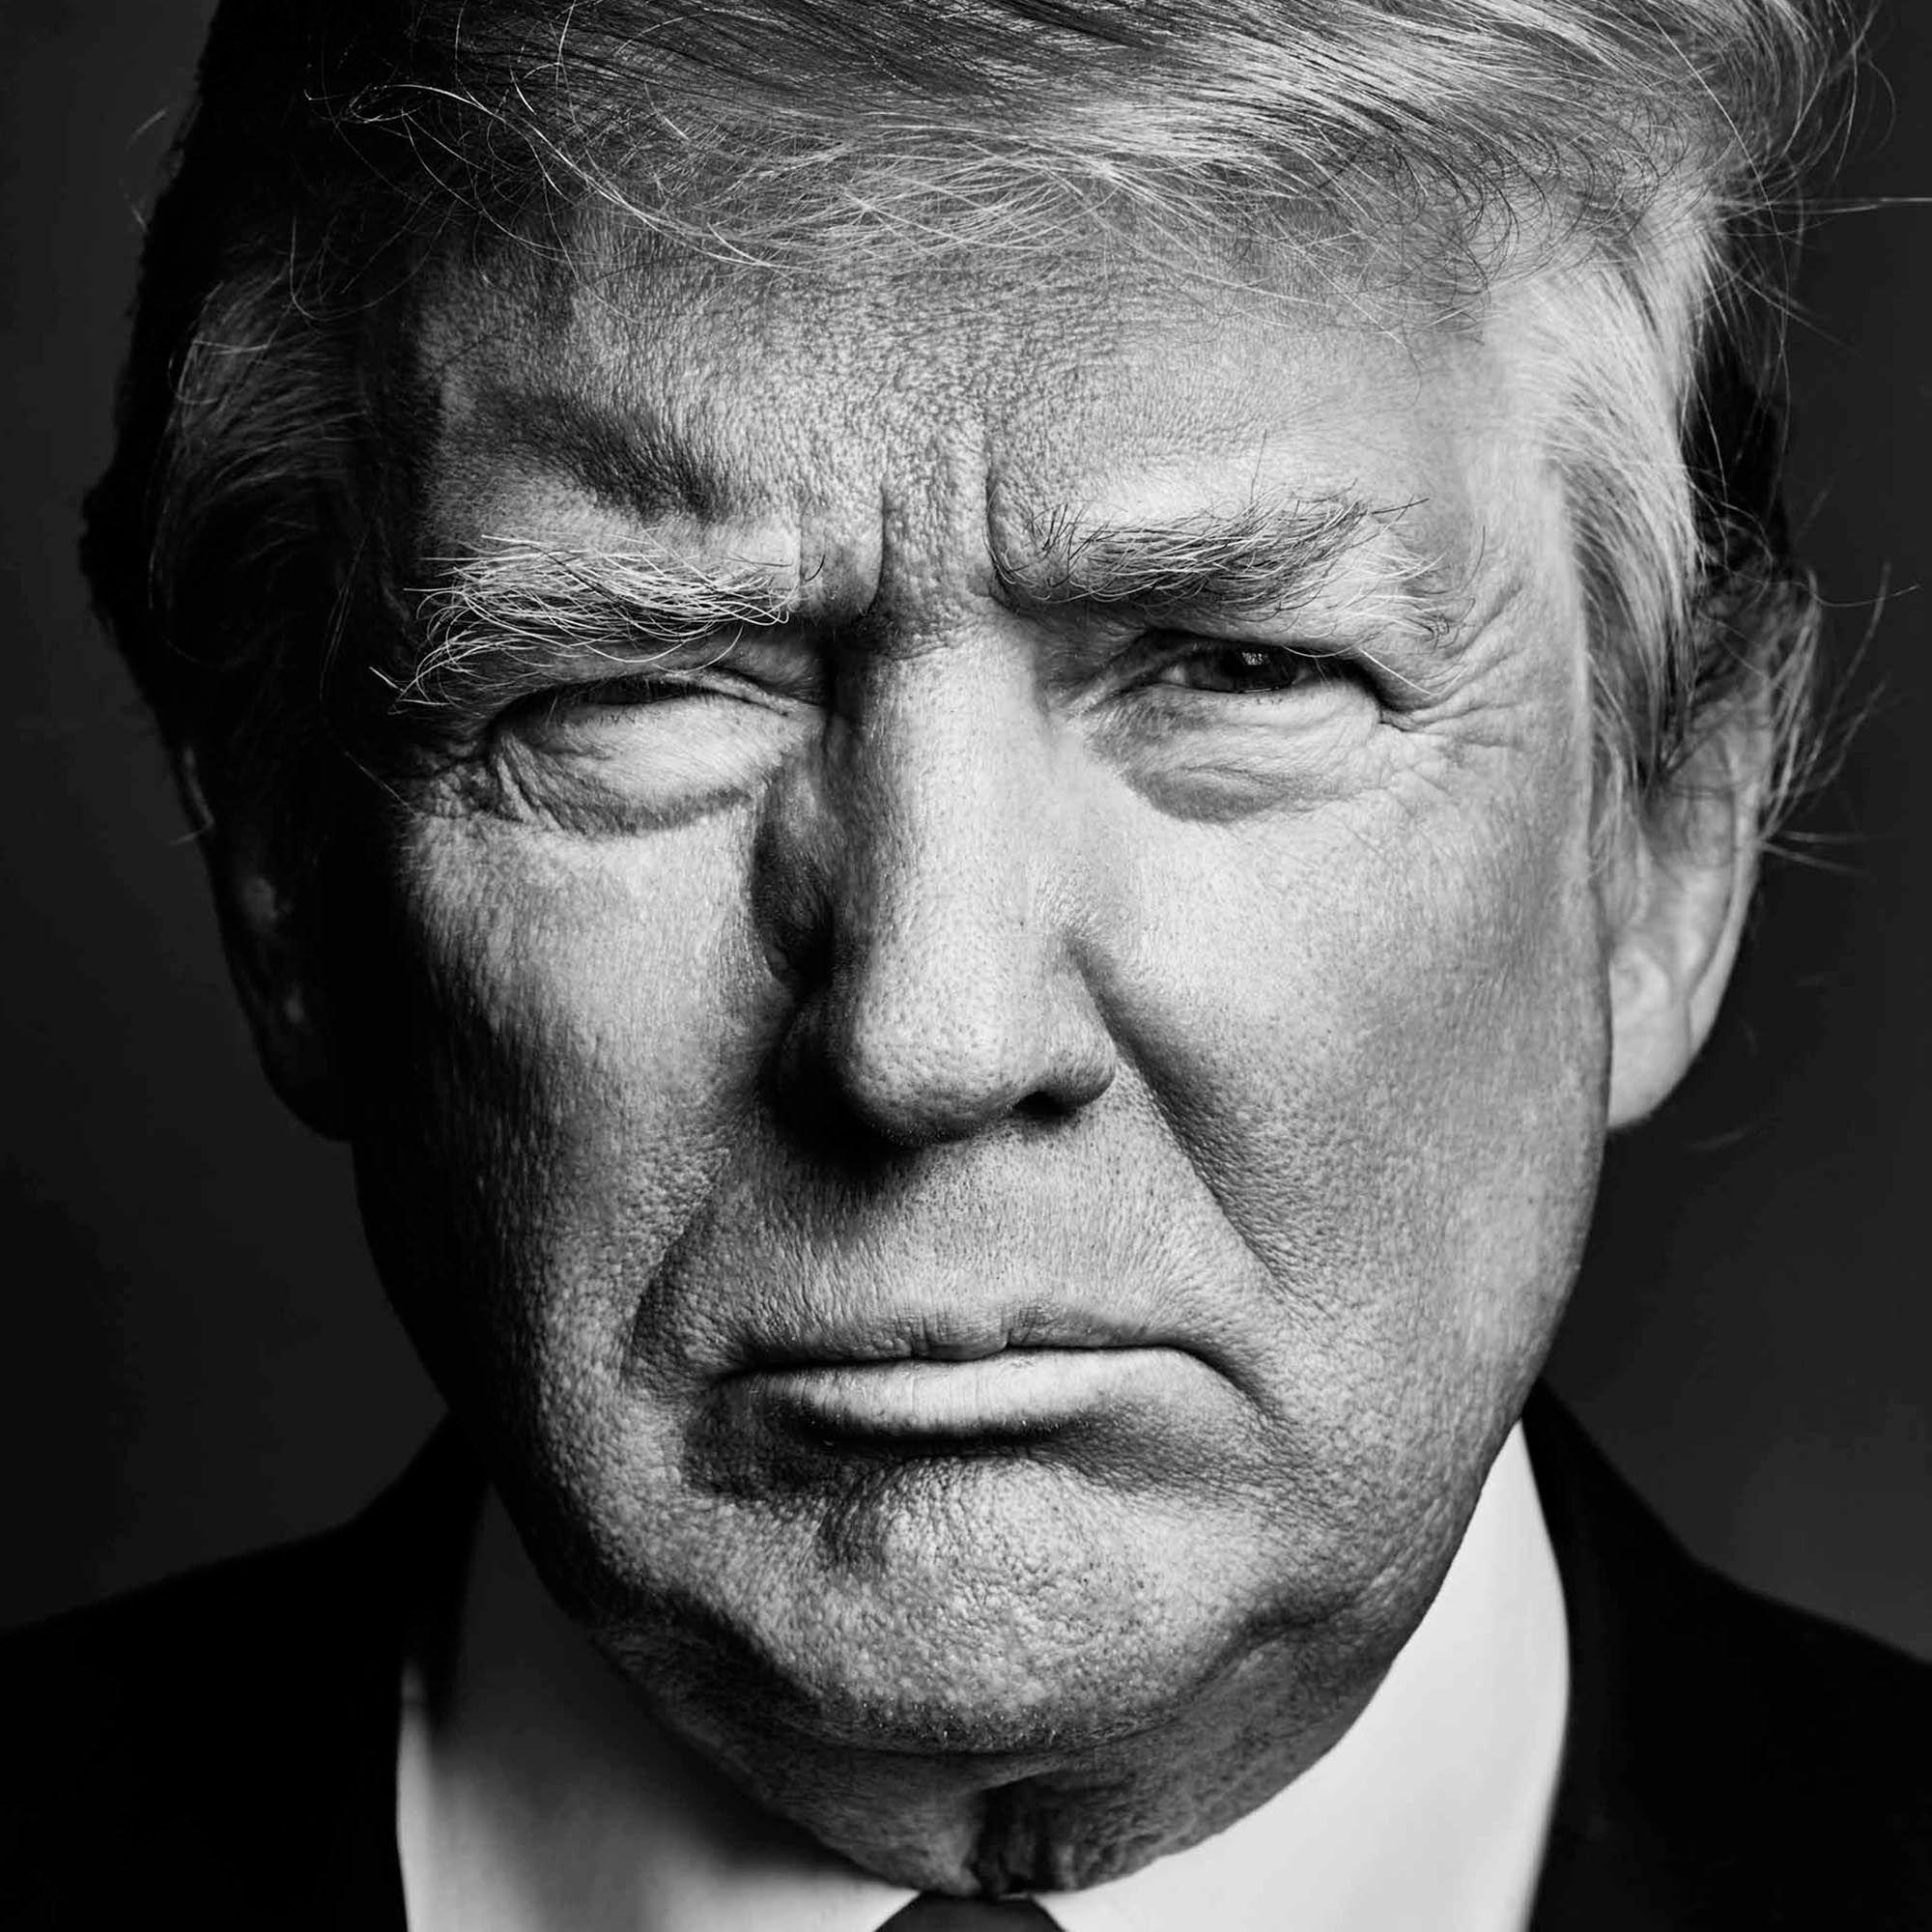 Pres Donald Trump